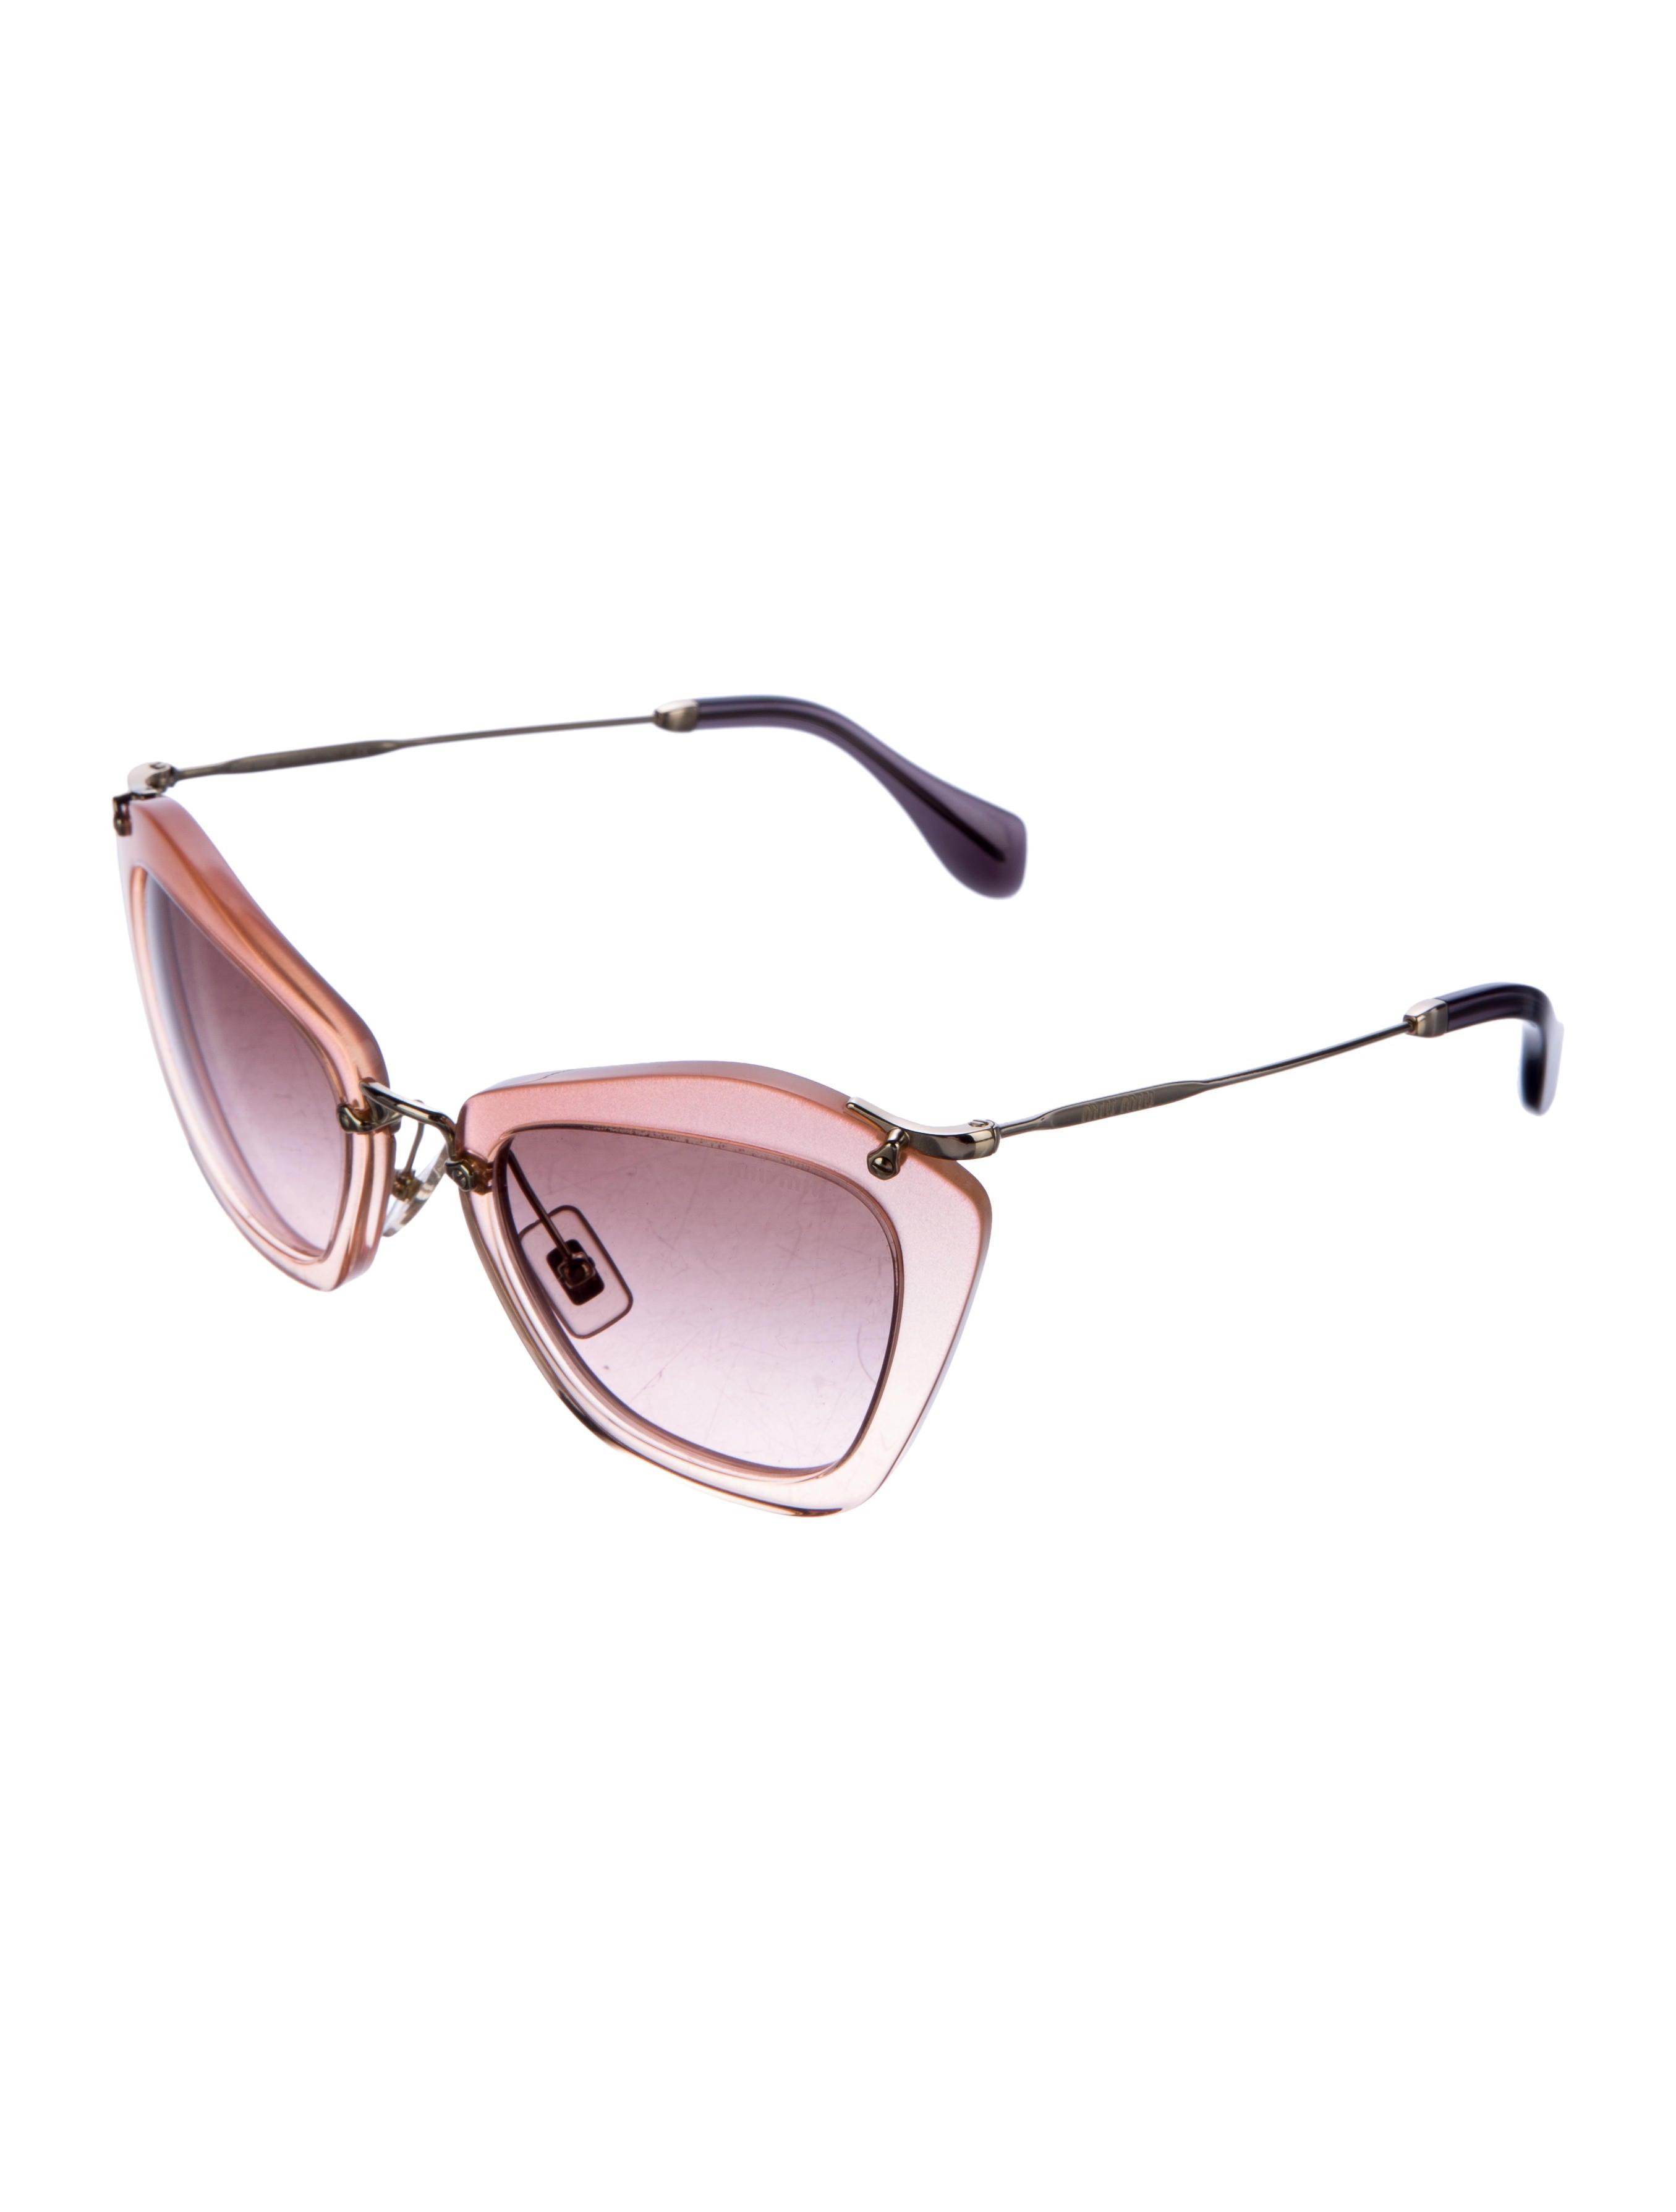 0f135de69c Miu Miu Sunglasses Cat Eye Glitter